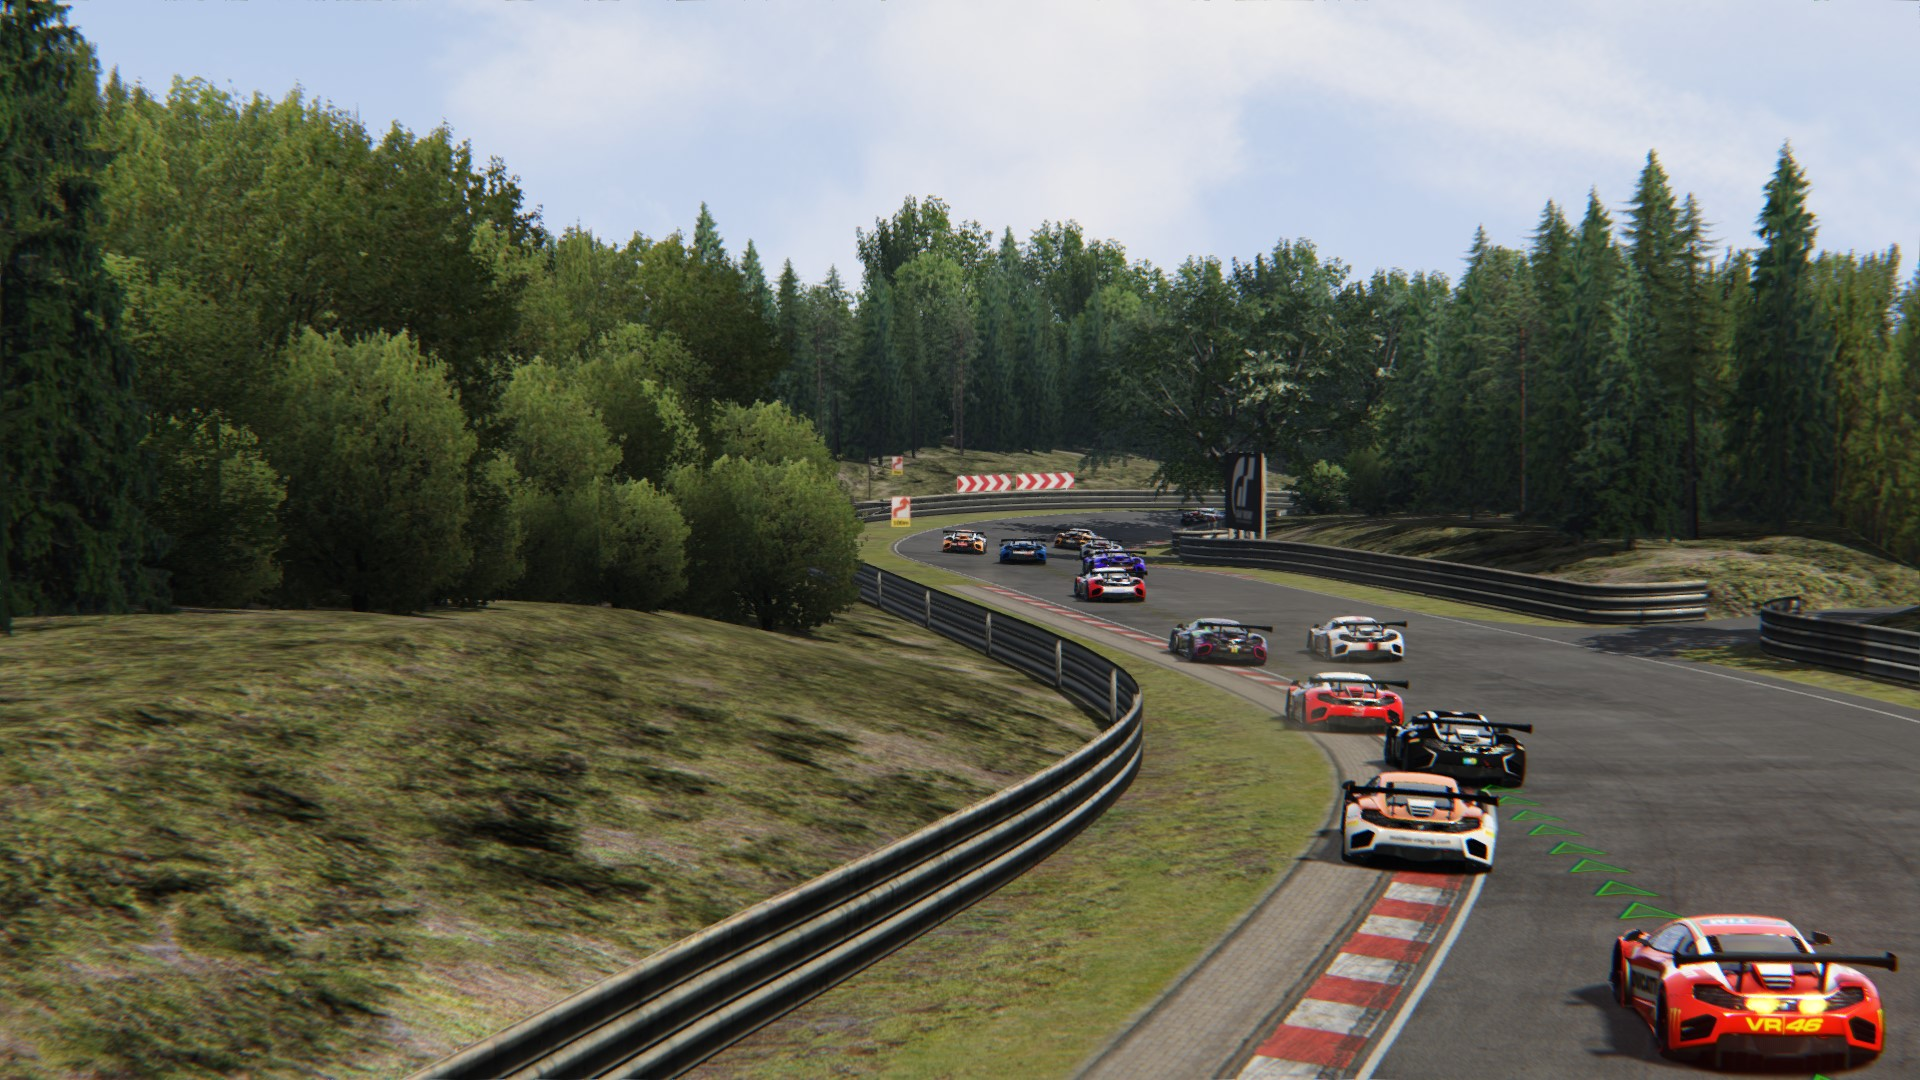 Screenshot_mclaren_mp412c_gt3_deepforest_raceway_1-6-120-22-17-57.jpg